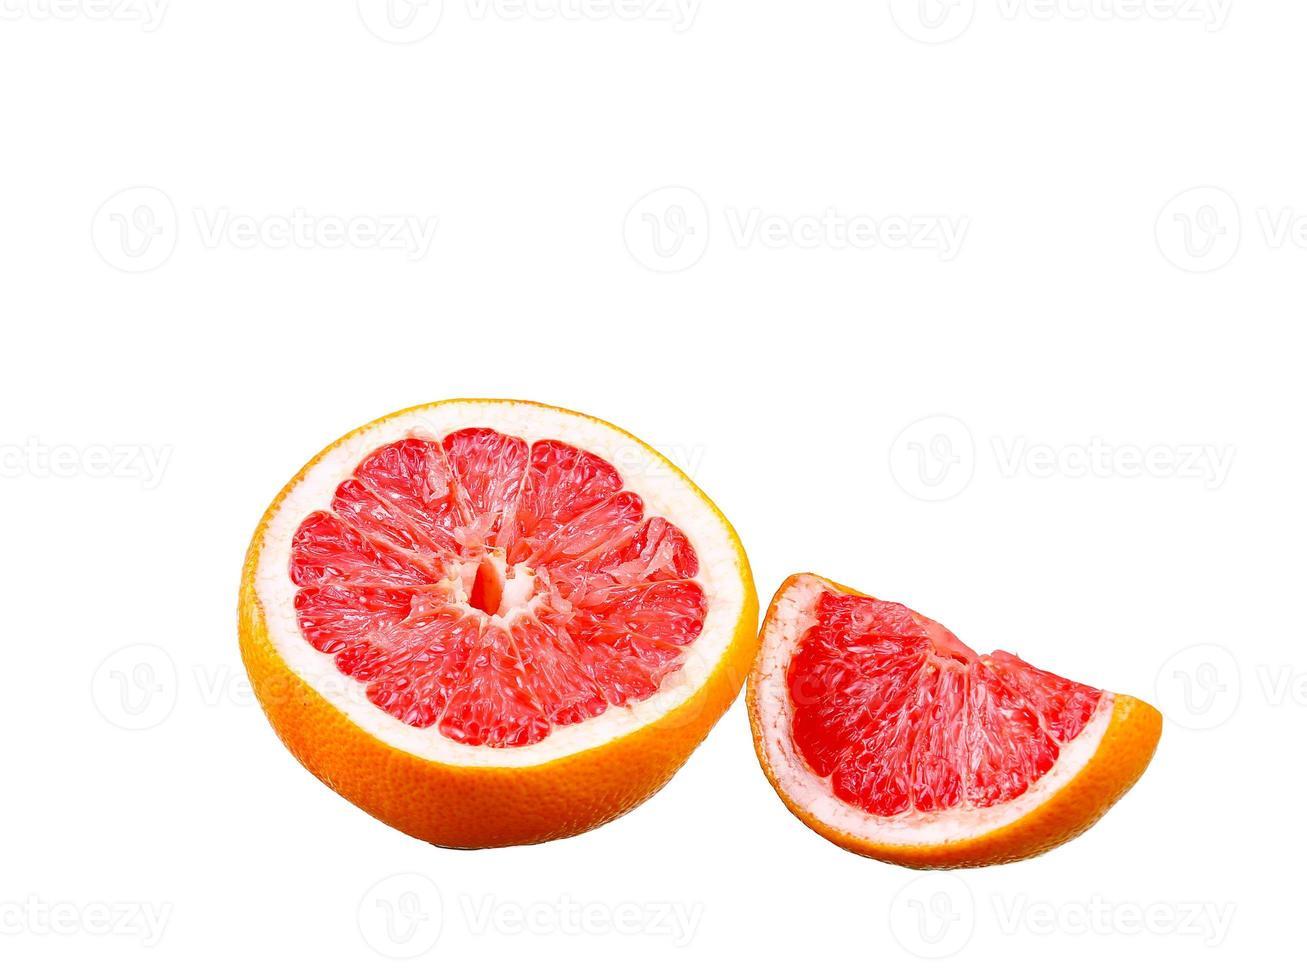 Grapefruit mit Segmenten auf weißem Hintergrund foto